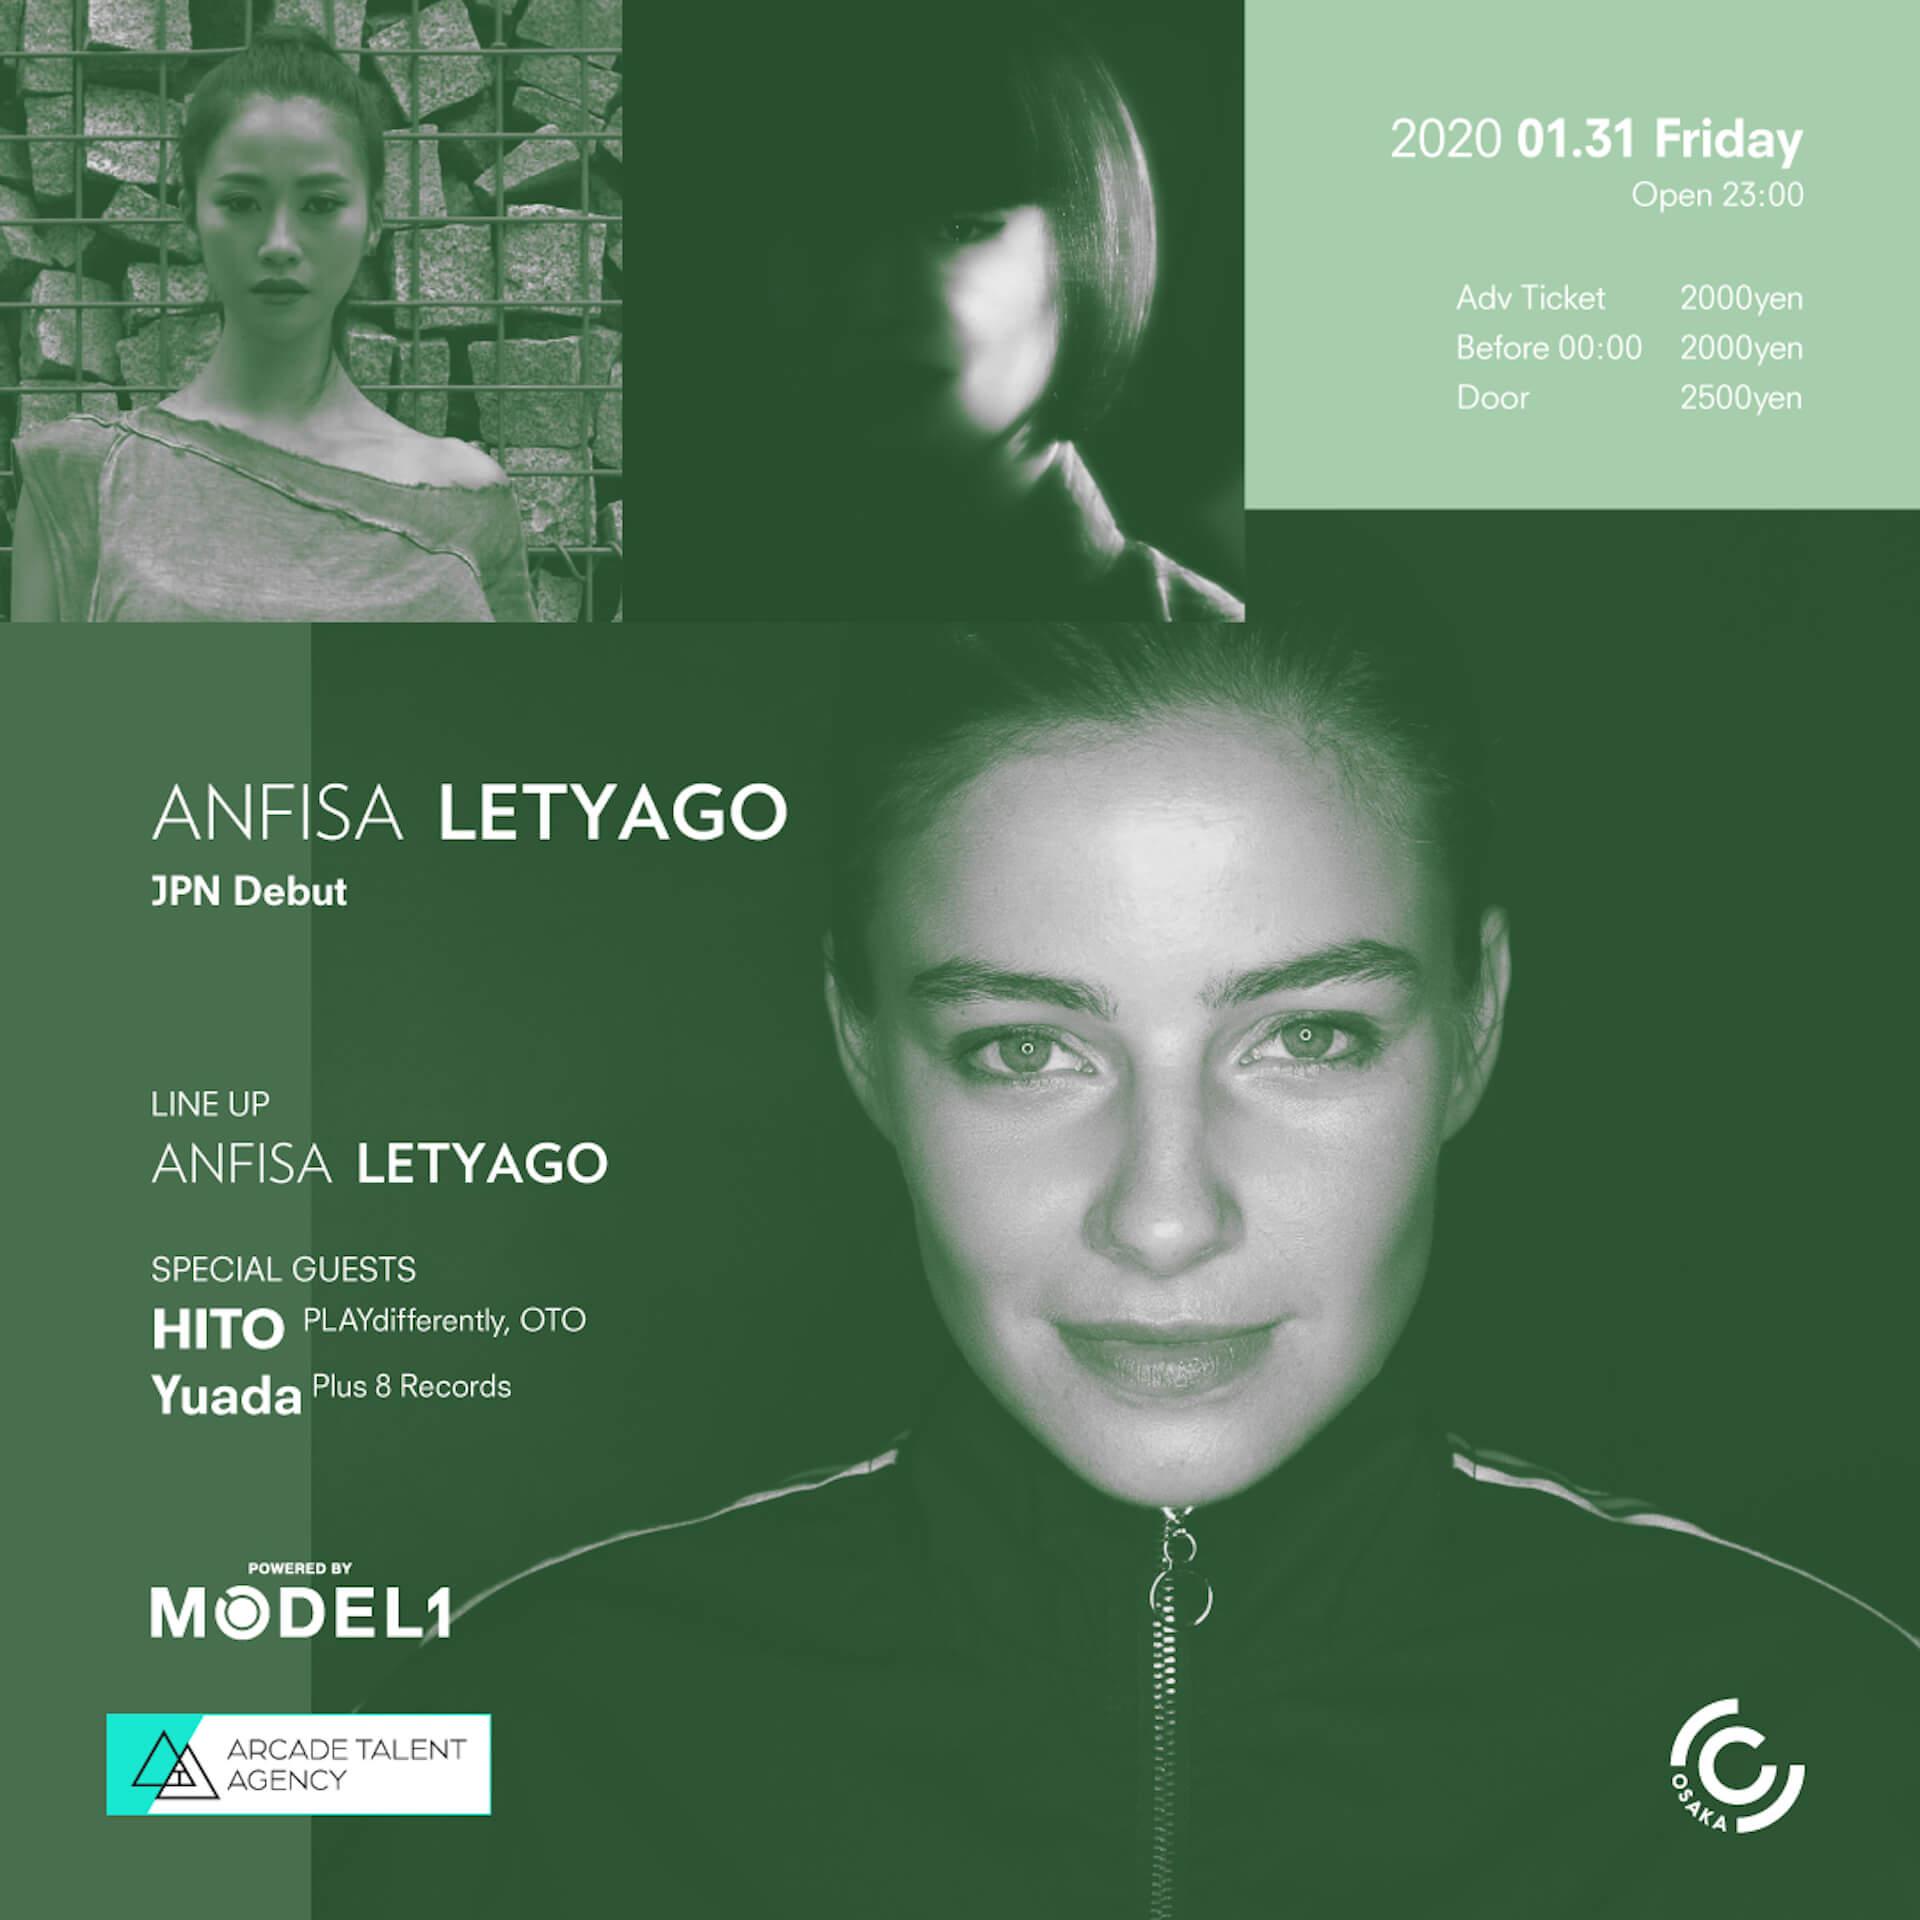 才色兼備のフィメールDJ、Anfisa Letyagoが待望の初来日決定!共演にHITO、YUADA music200121_anfisaletyago_2